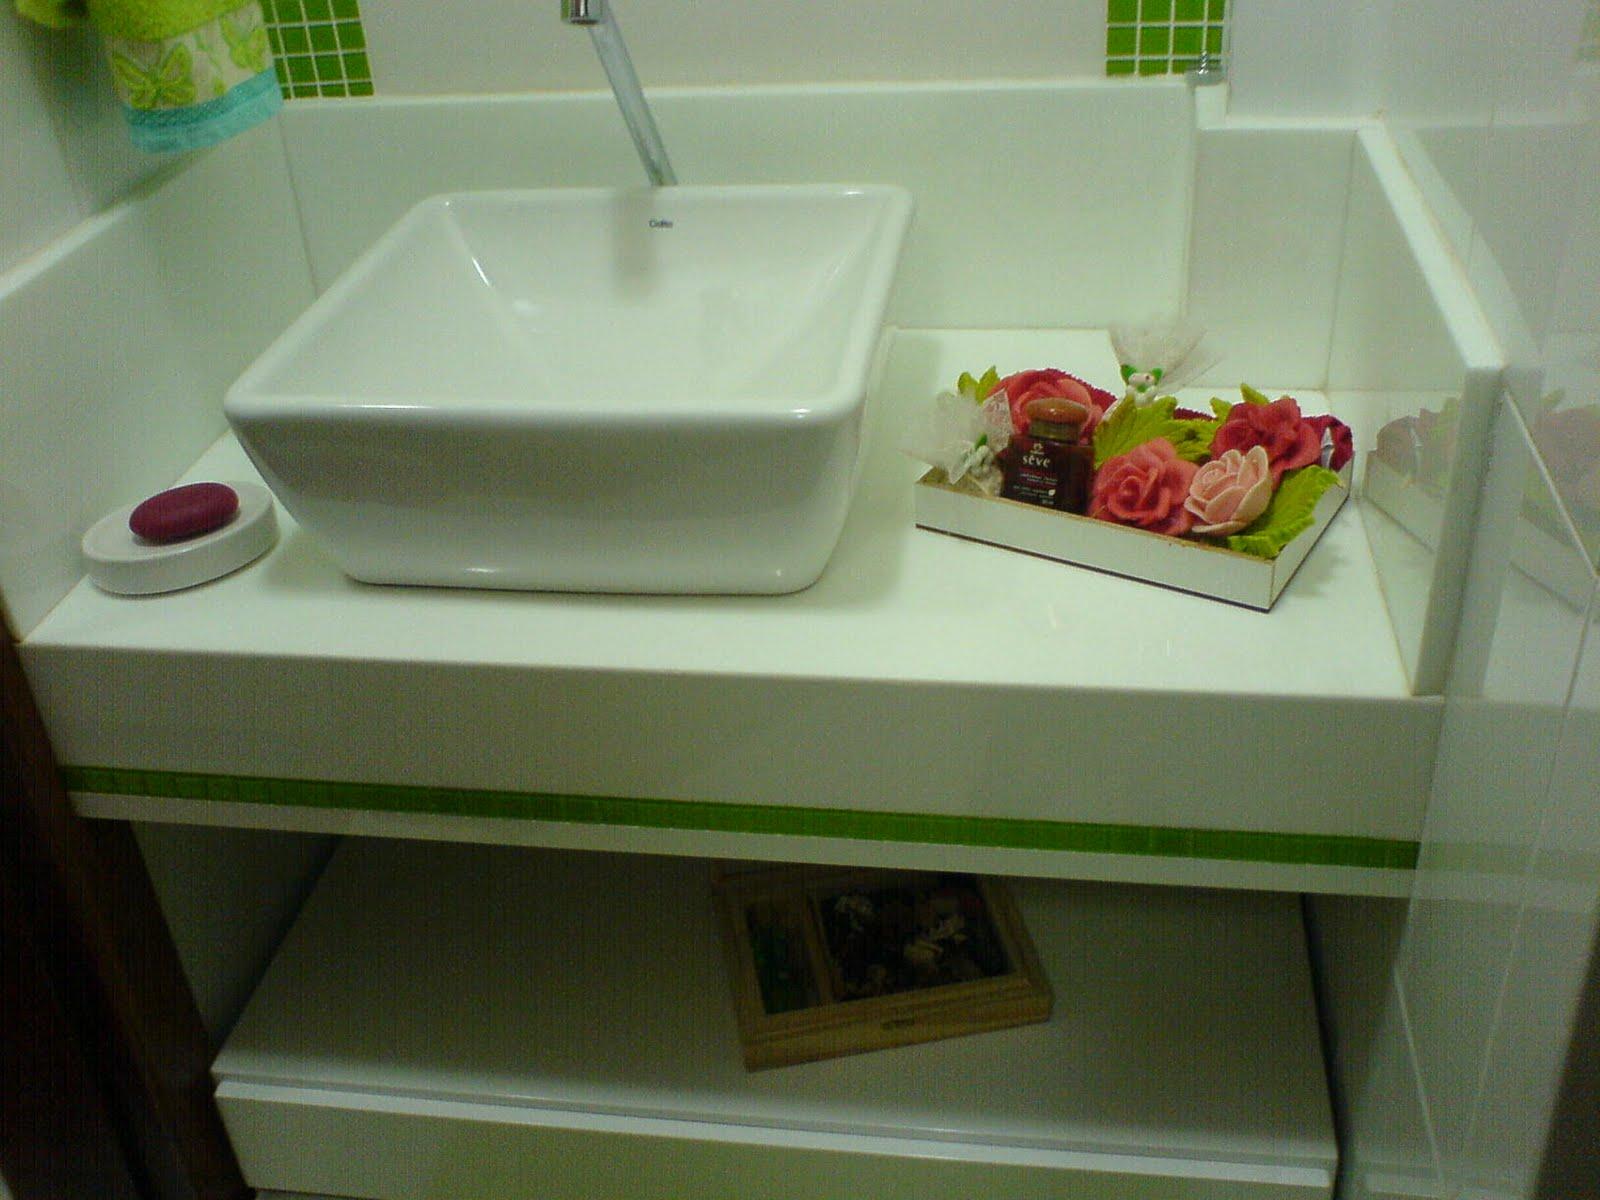 Related images to armario para banheiro de bancada #832F26 1600x1200 Bancada Banheiro Astra